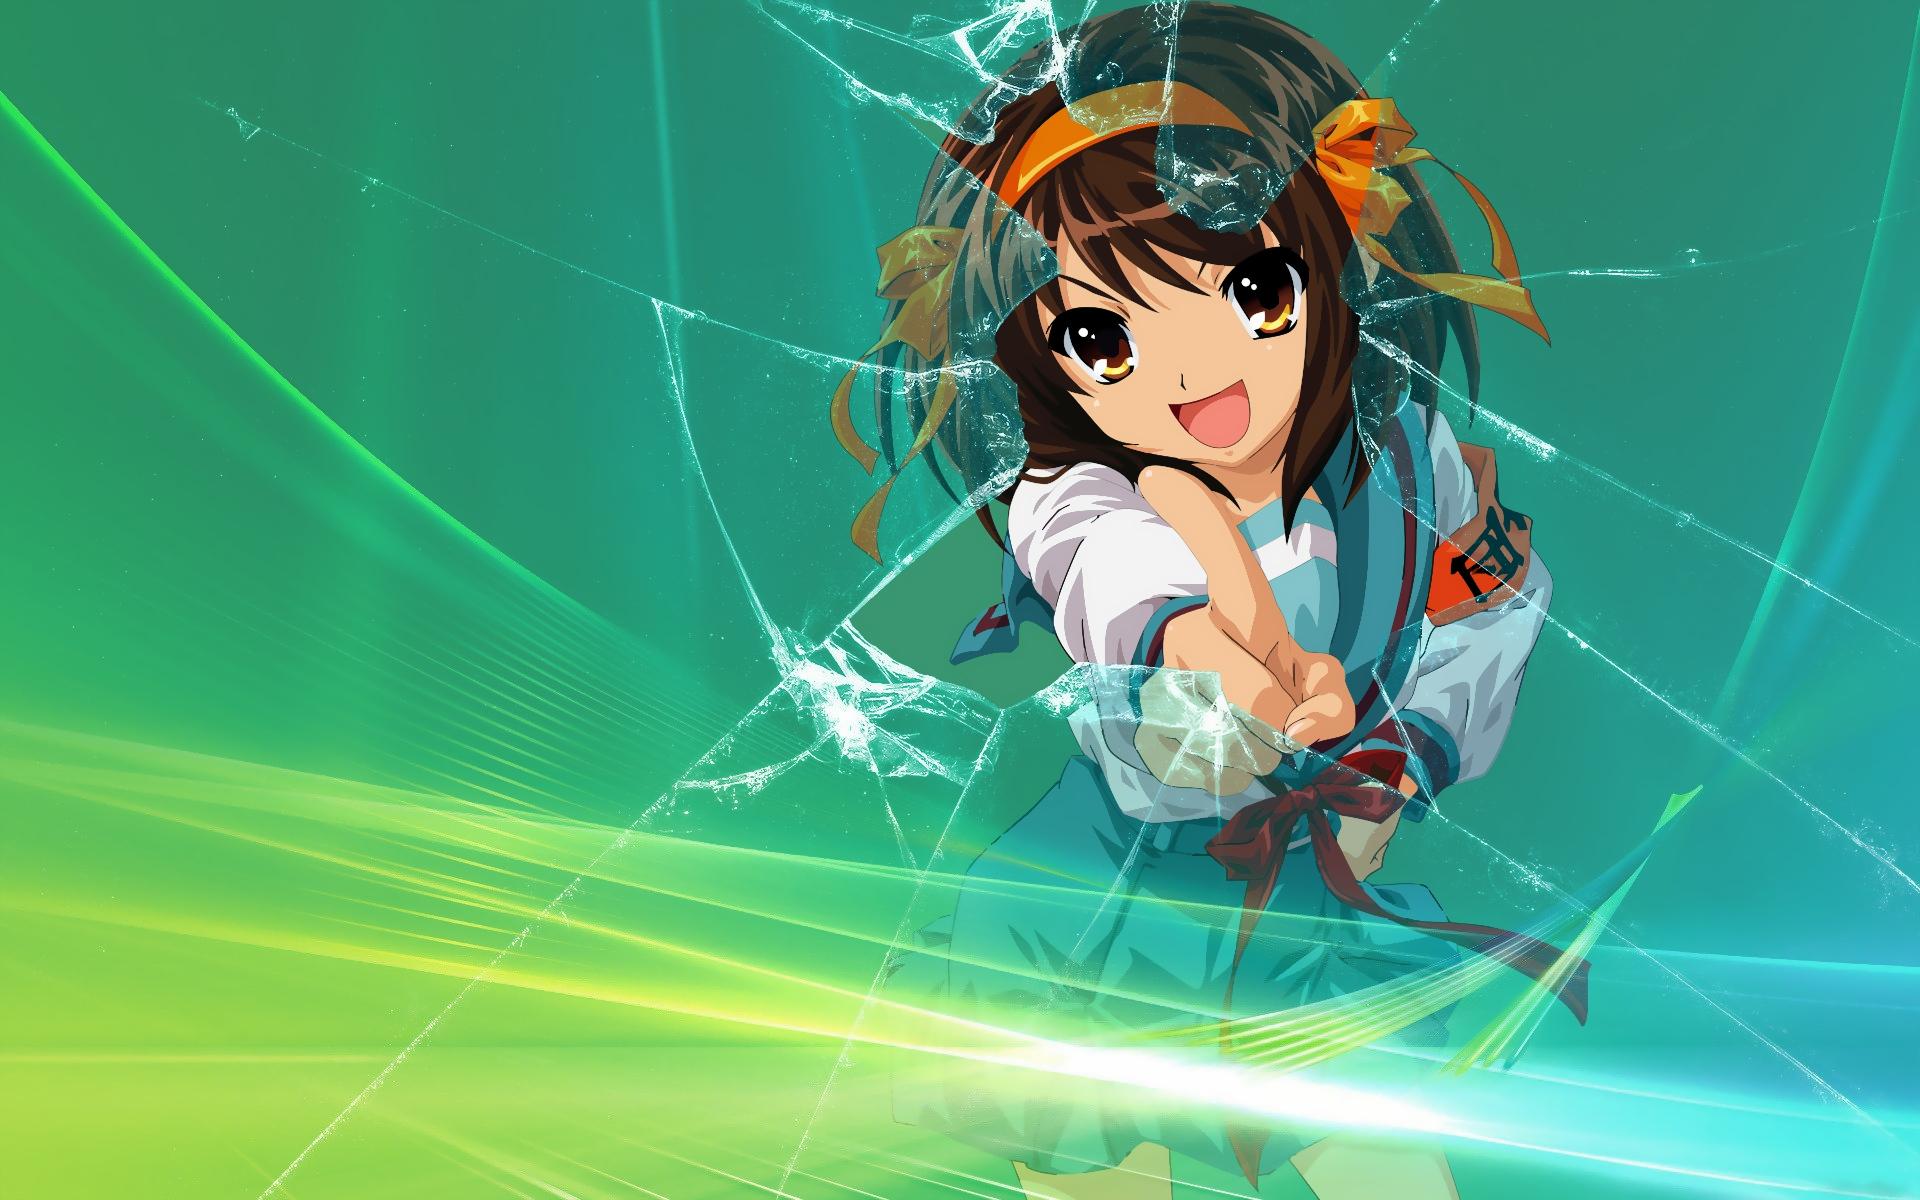 Anime Wallpaper Girls Hair Short Black Eyes Brown The Melancholy Of Haruhi Suzumiya Hd Wallpaper